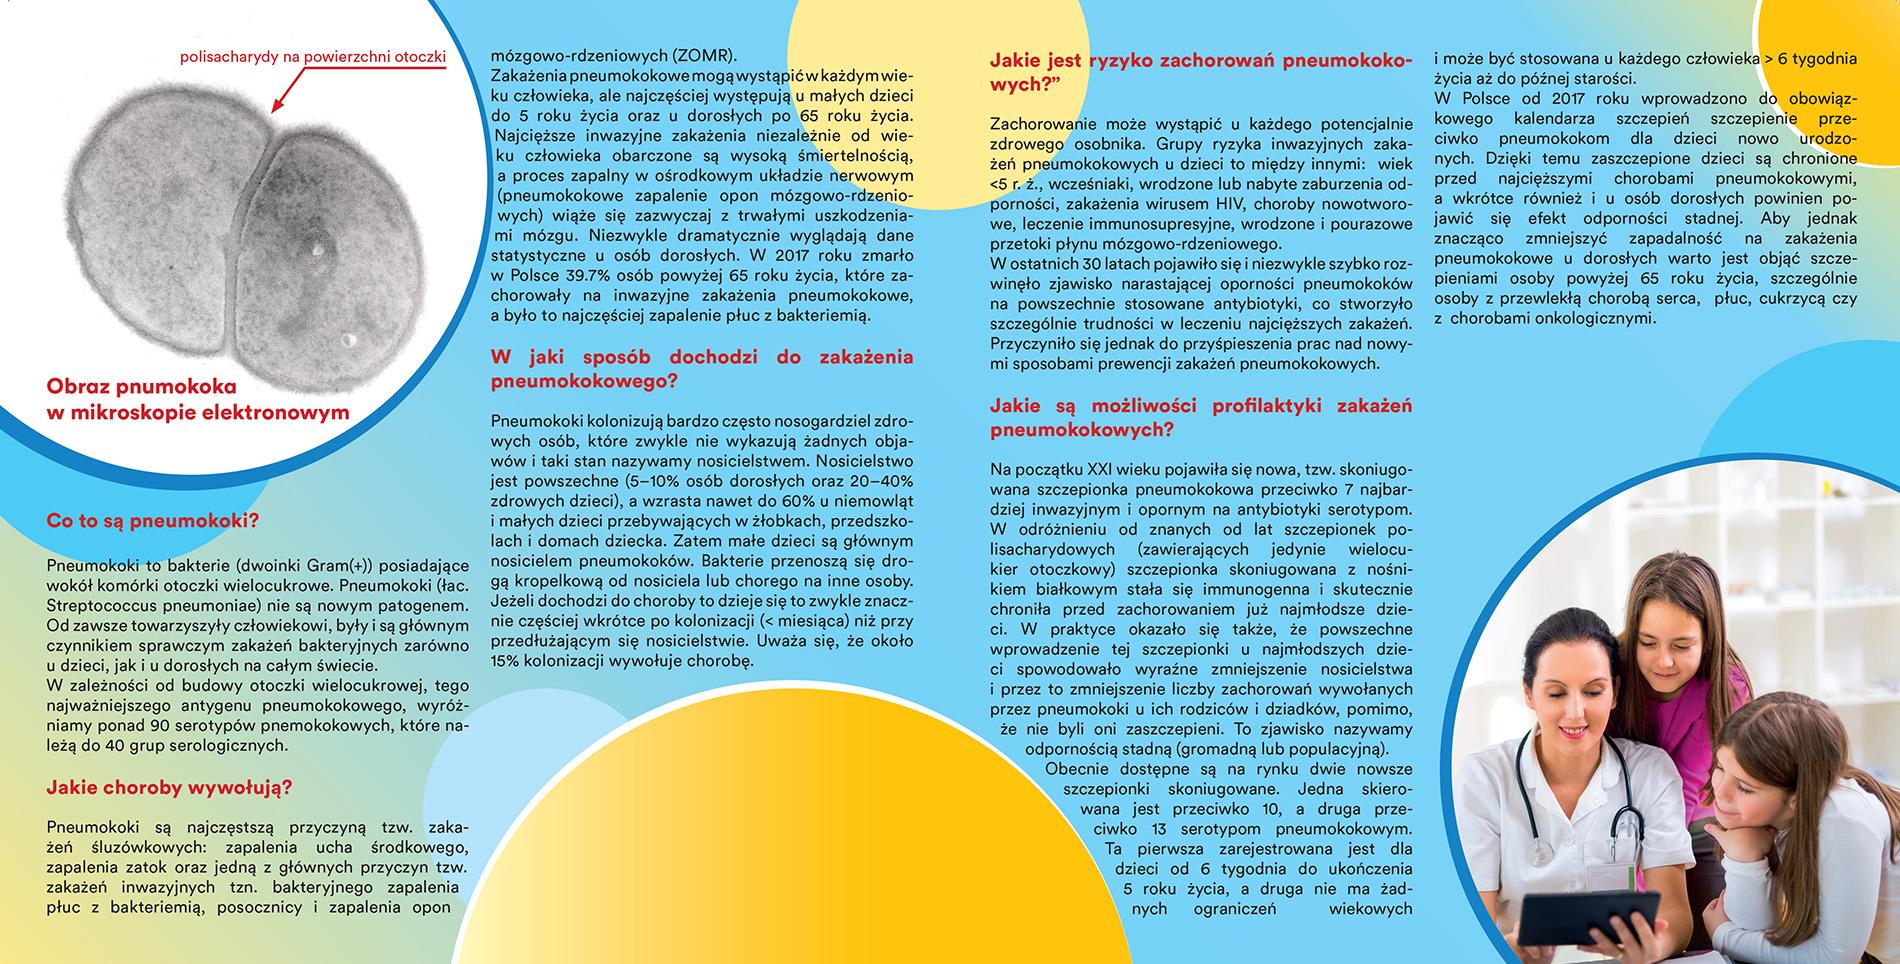 pneumokoki broszura informacyjna Aby Żyć